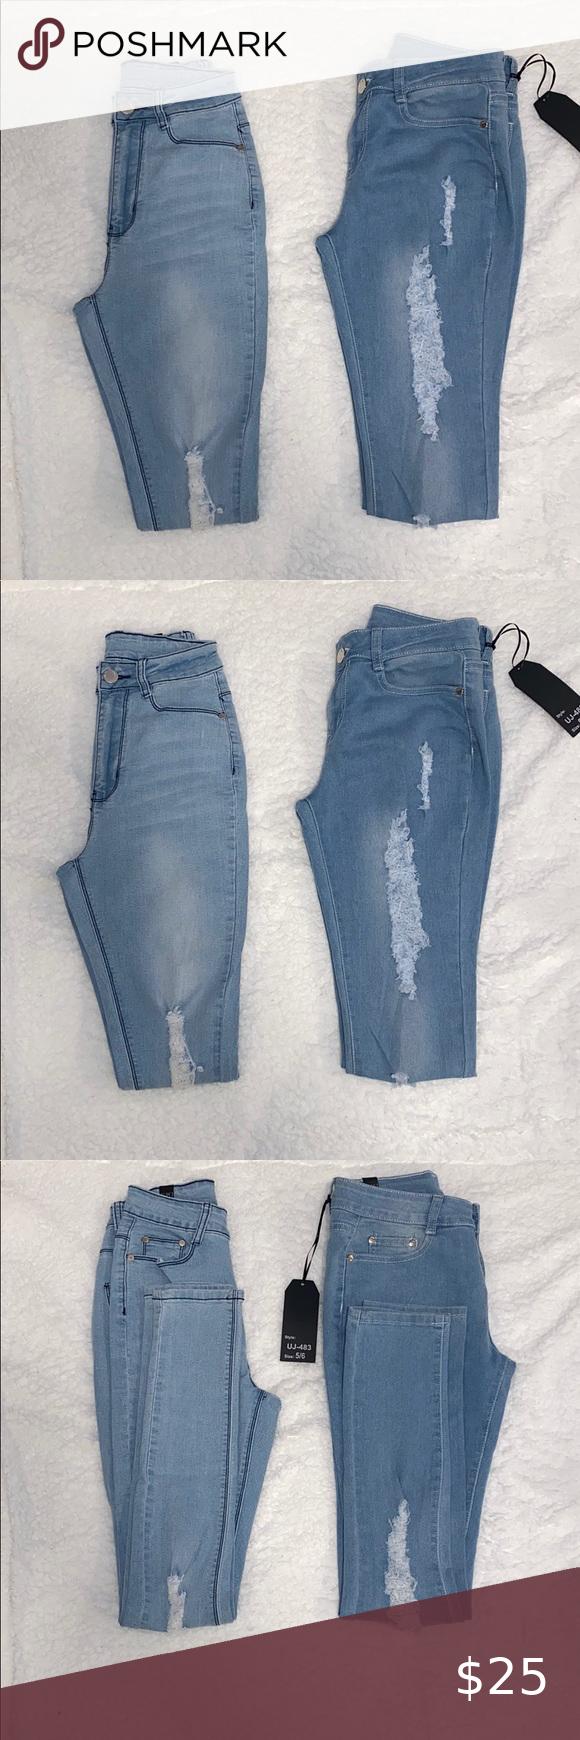 Two Fashion Nova Jeans